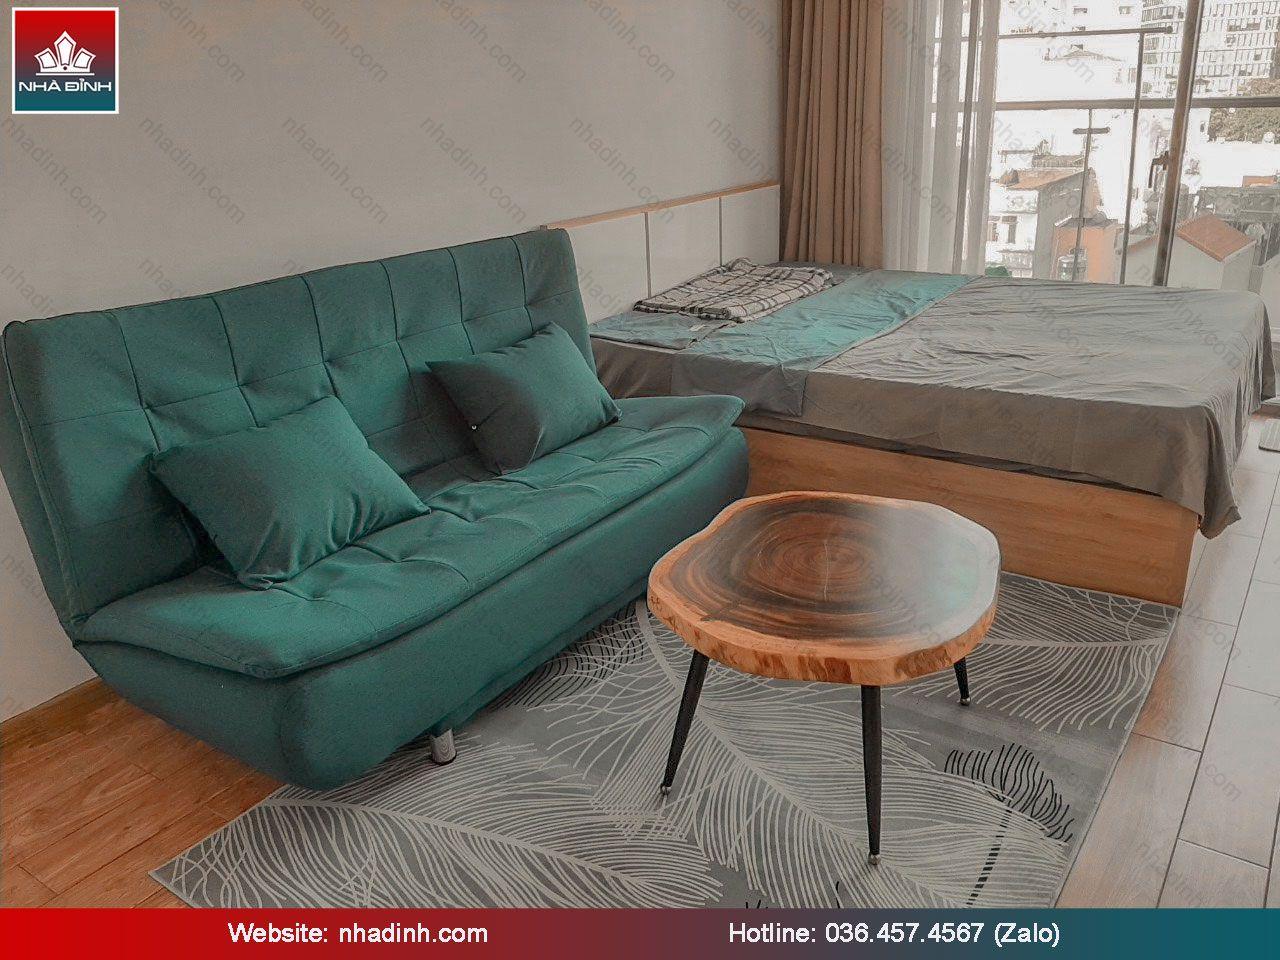 Mặt bàn Sofa gỗ Me Tây nguyên khối được lấy cảm hứng từ phong cách hiện đại